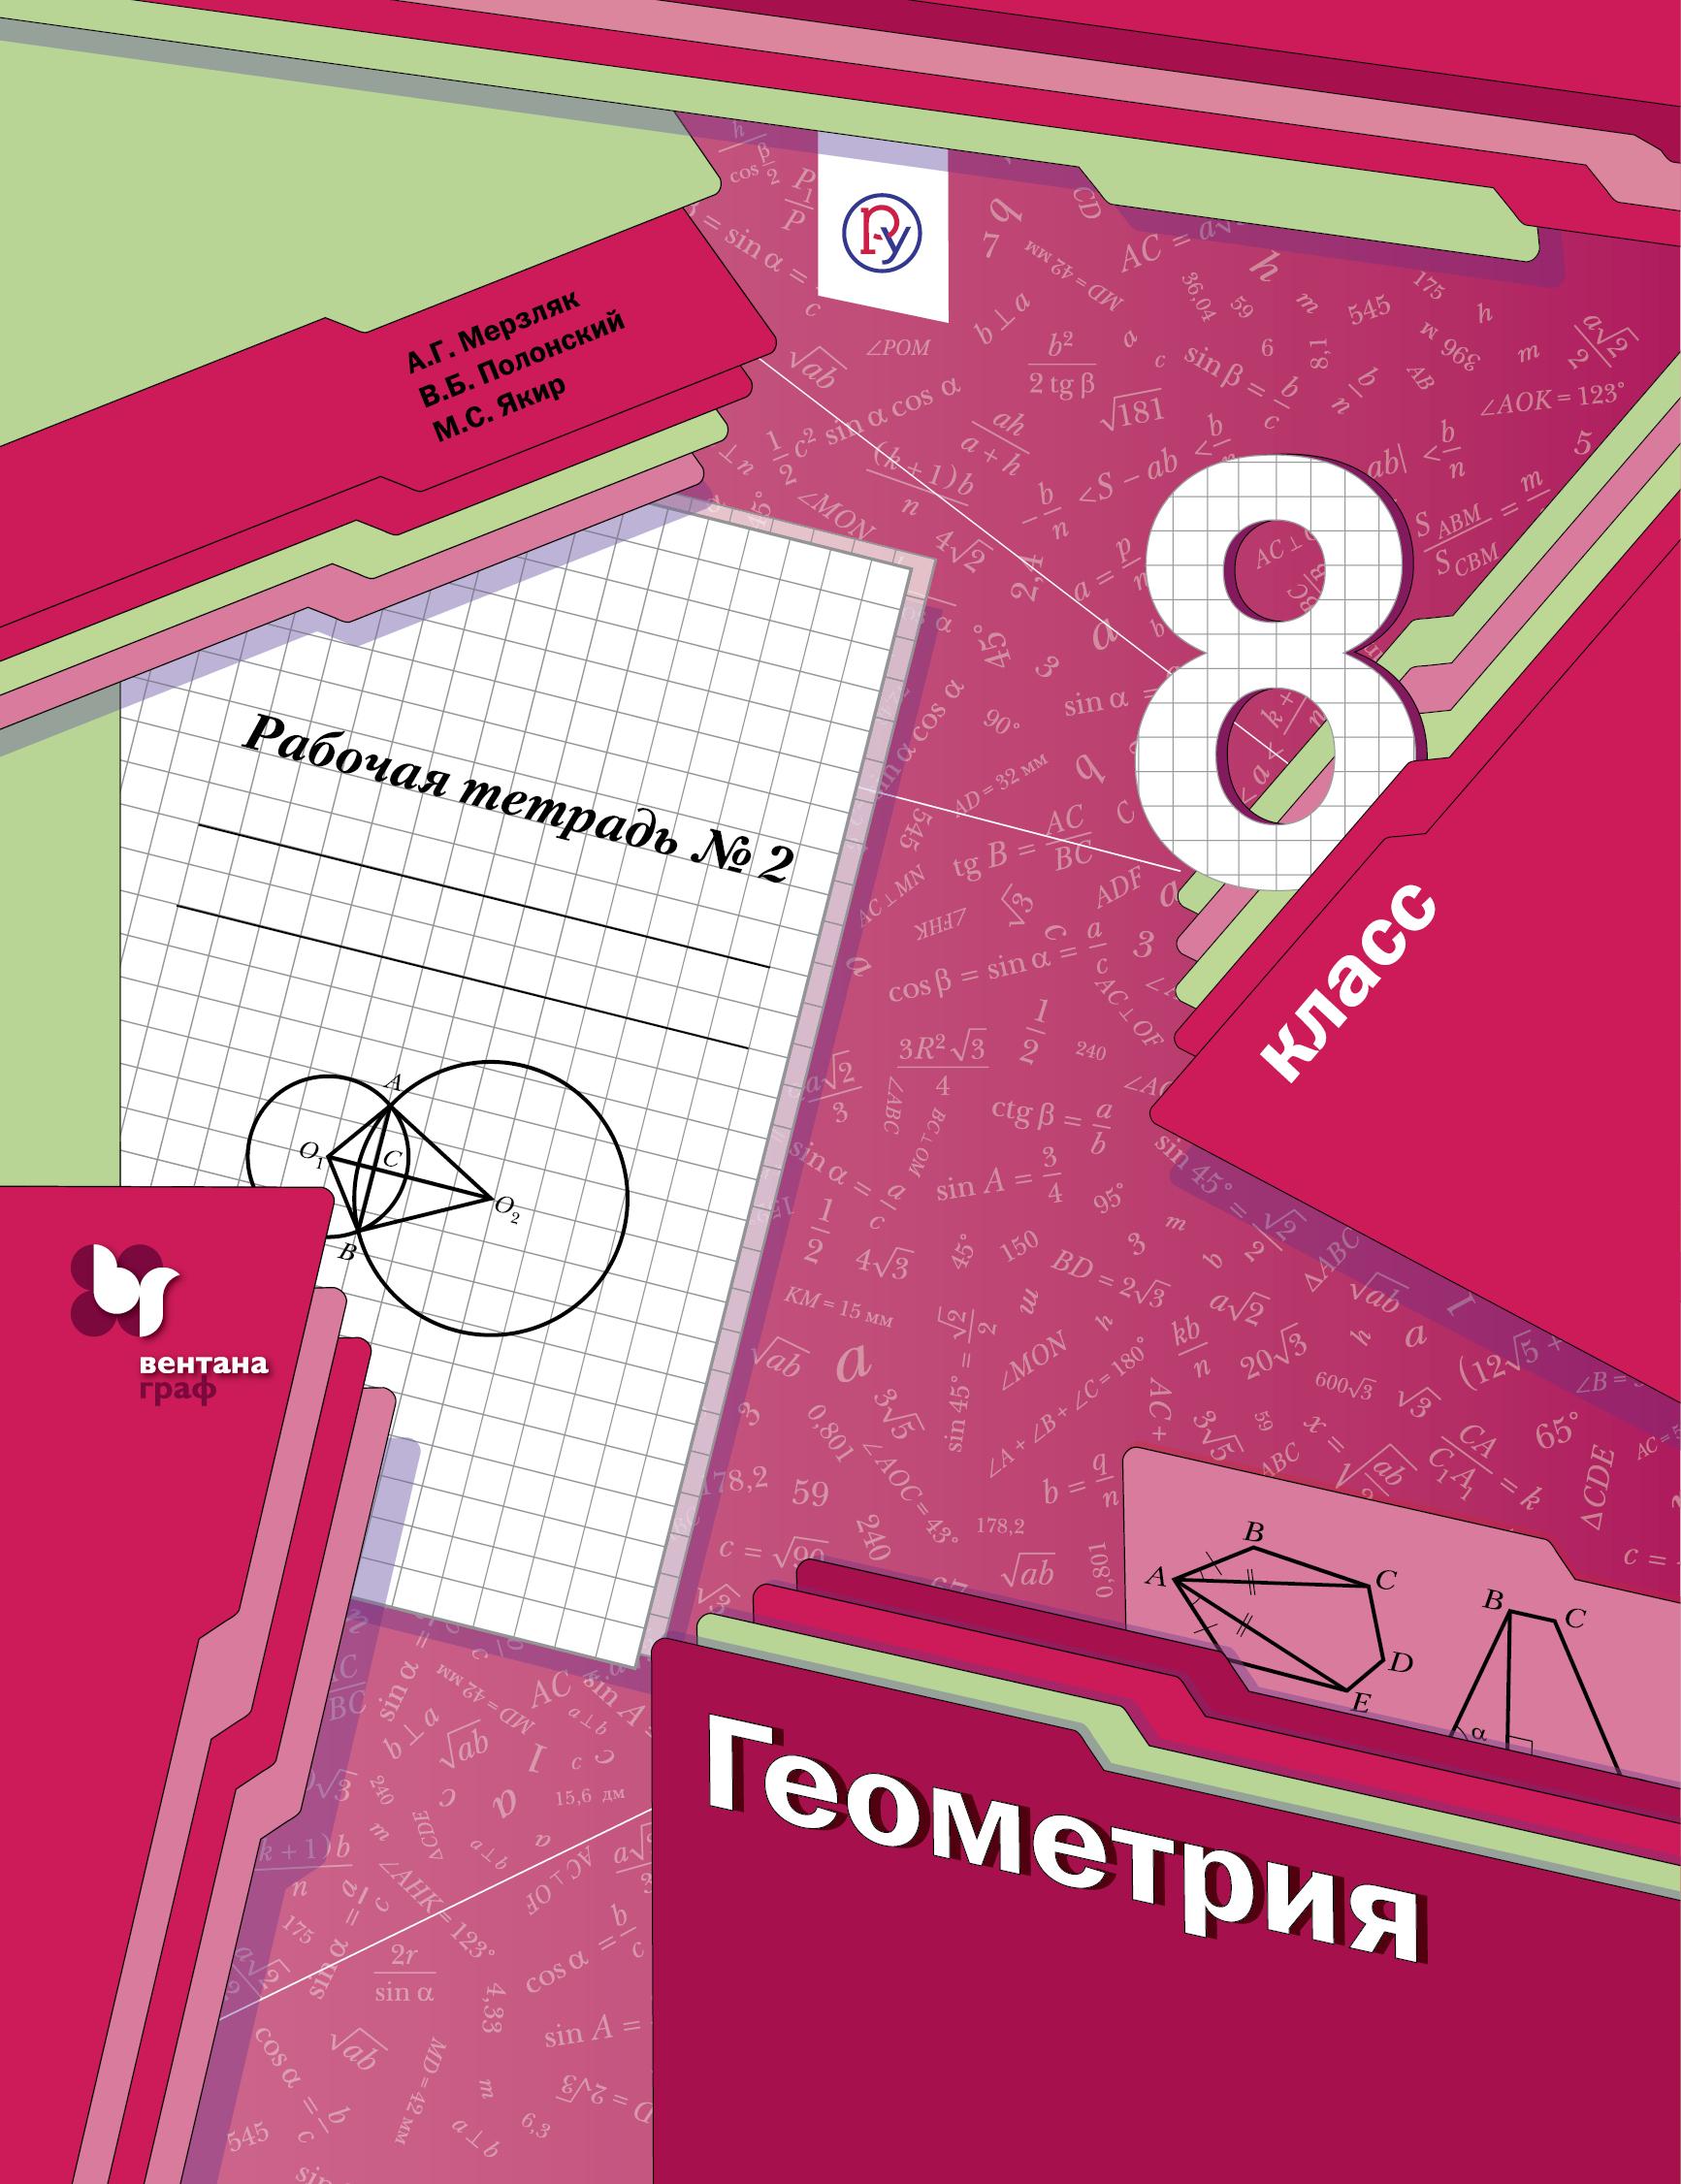 МерзлякА.Г., ПолонскийВ.Б., ЯкирМ.С. Геометрия. 8класс. Рабочая тетрадь №2. а г мерзляк геометрия 8 класс методическое пособие